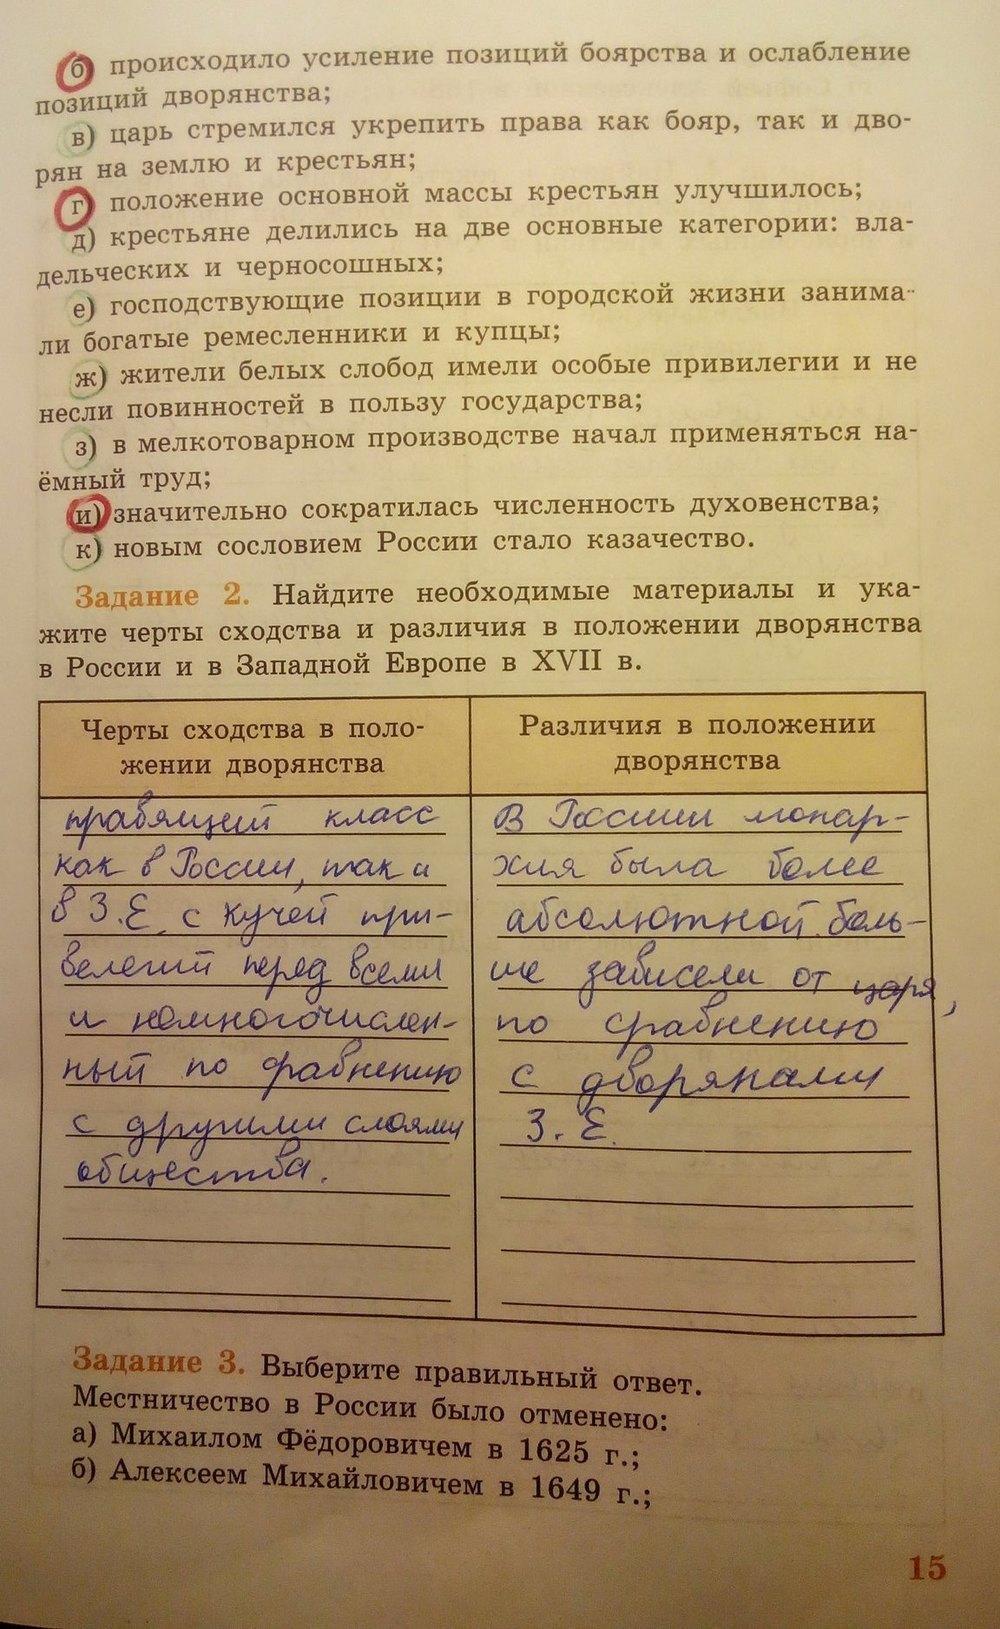 Гдз по истории рабочая тетрадь 7 класс история россии косулина